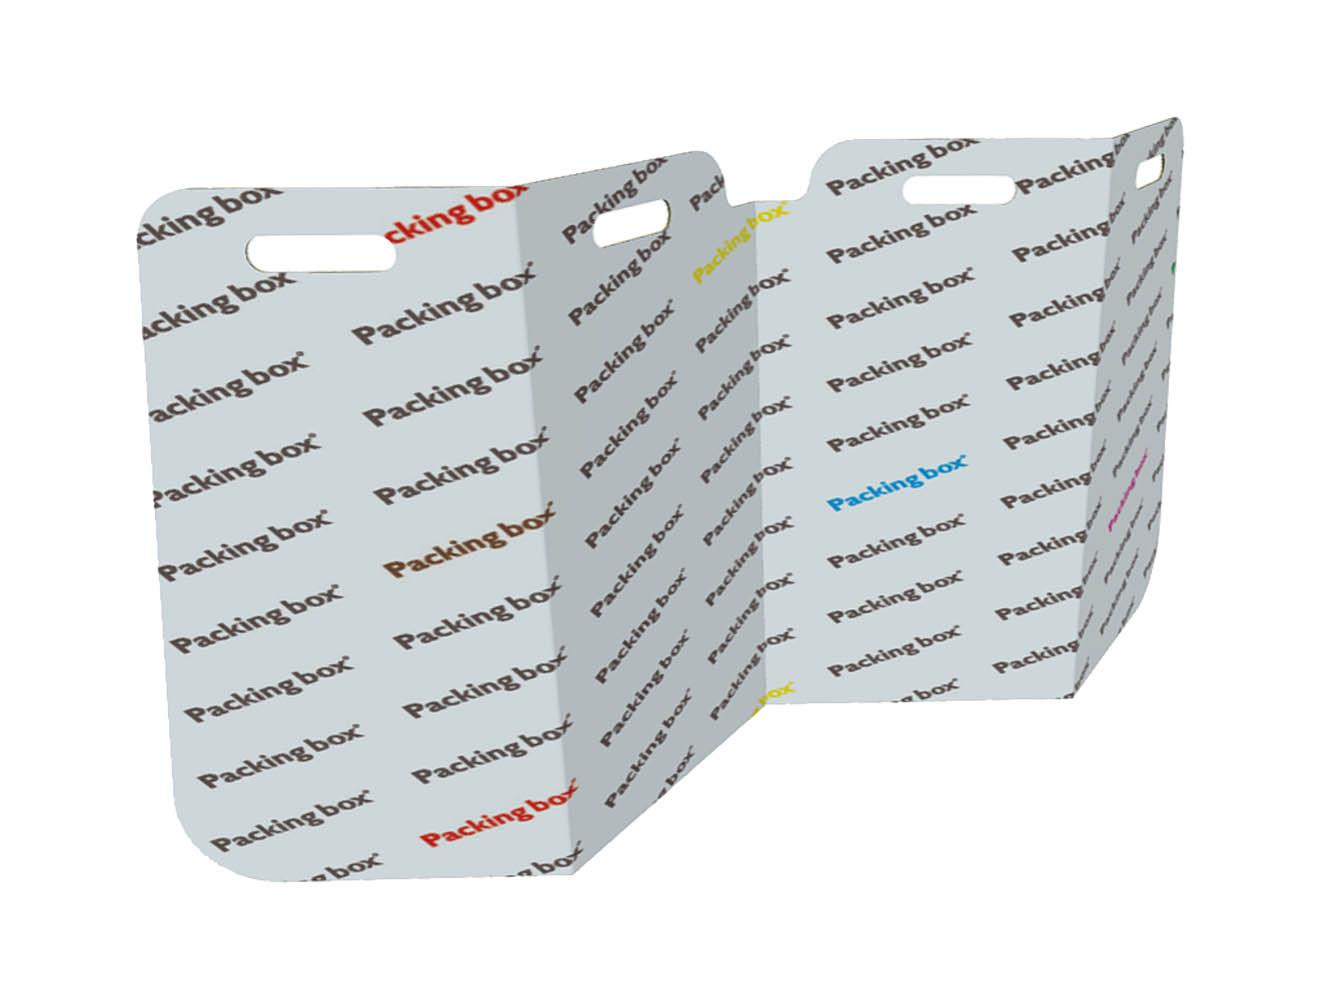 PARASOL MERCHAN MPA01 PARA PUBLICIDAD USOS MÚLTIPLES CHICO MERCHANDISING, PUBLICIDAD, PROMOCIONES 1180X530